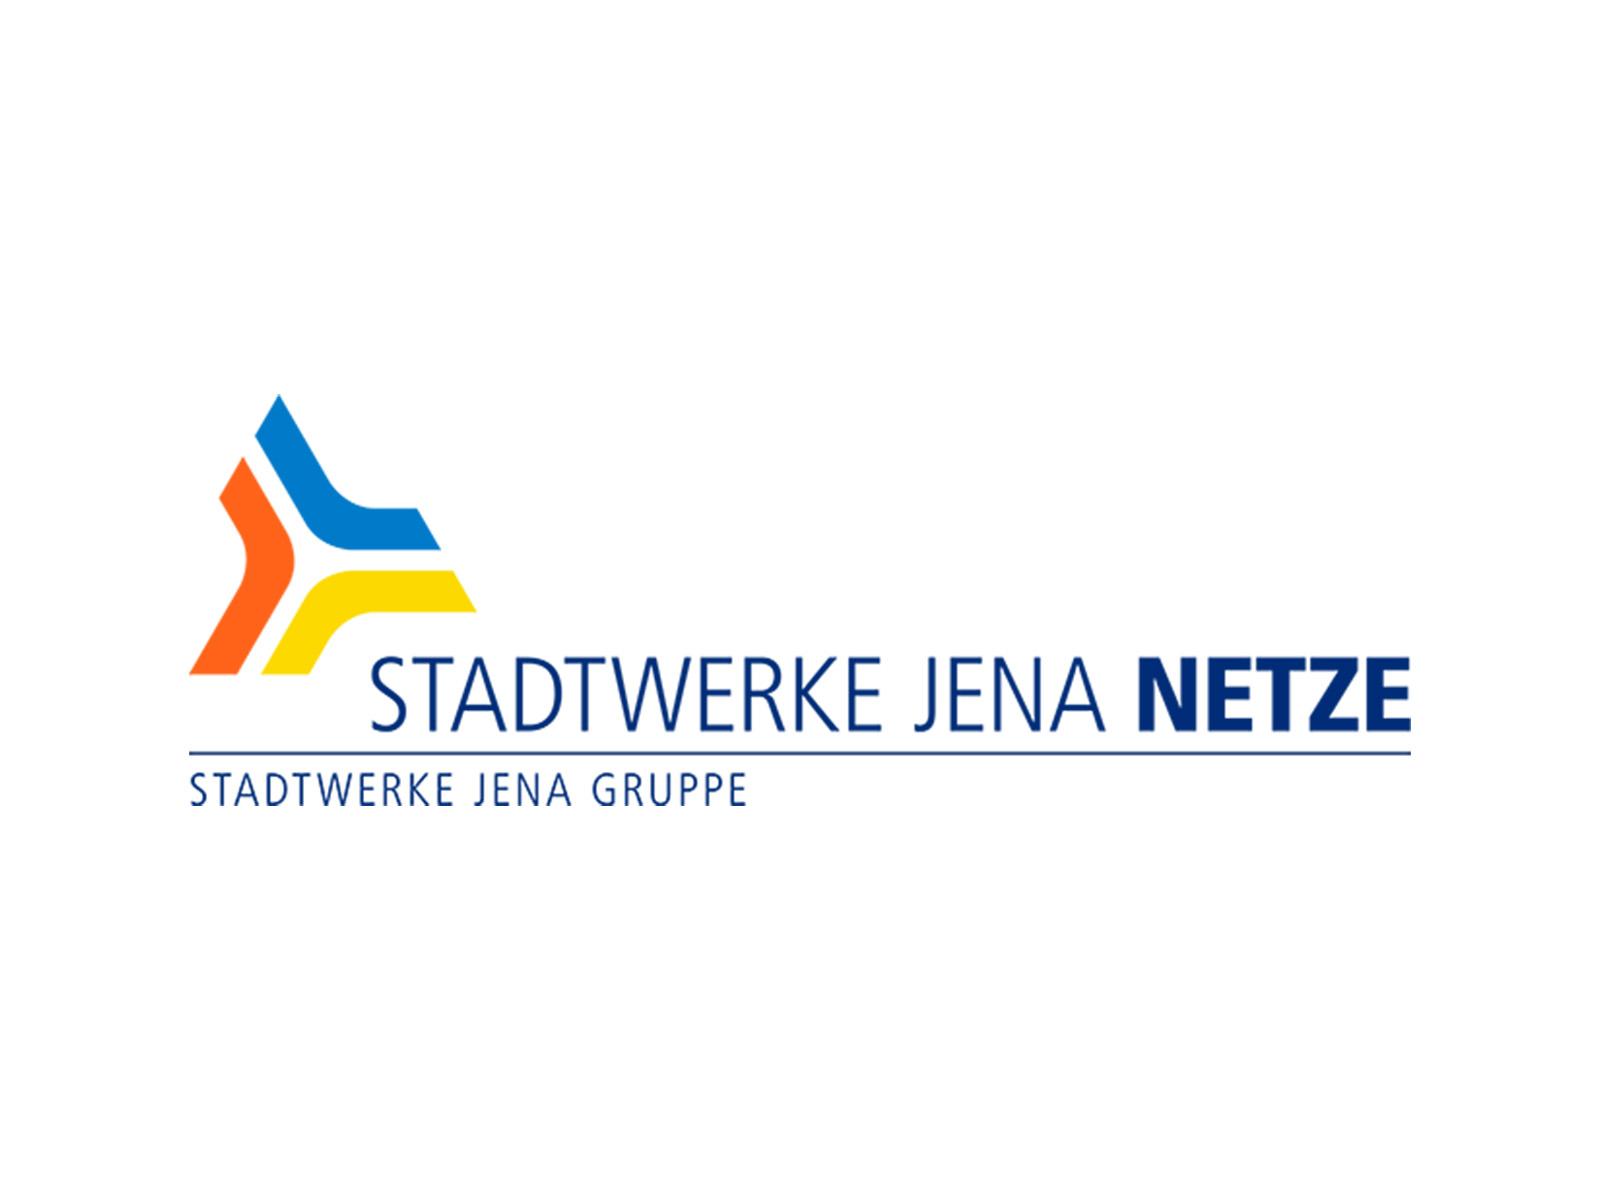 Stadtwerke-Jena-Netze